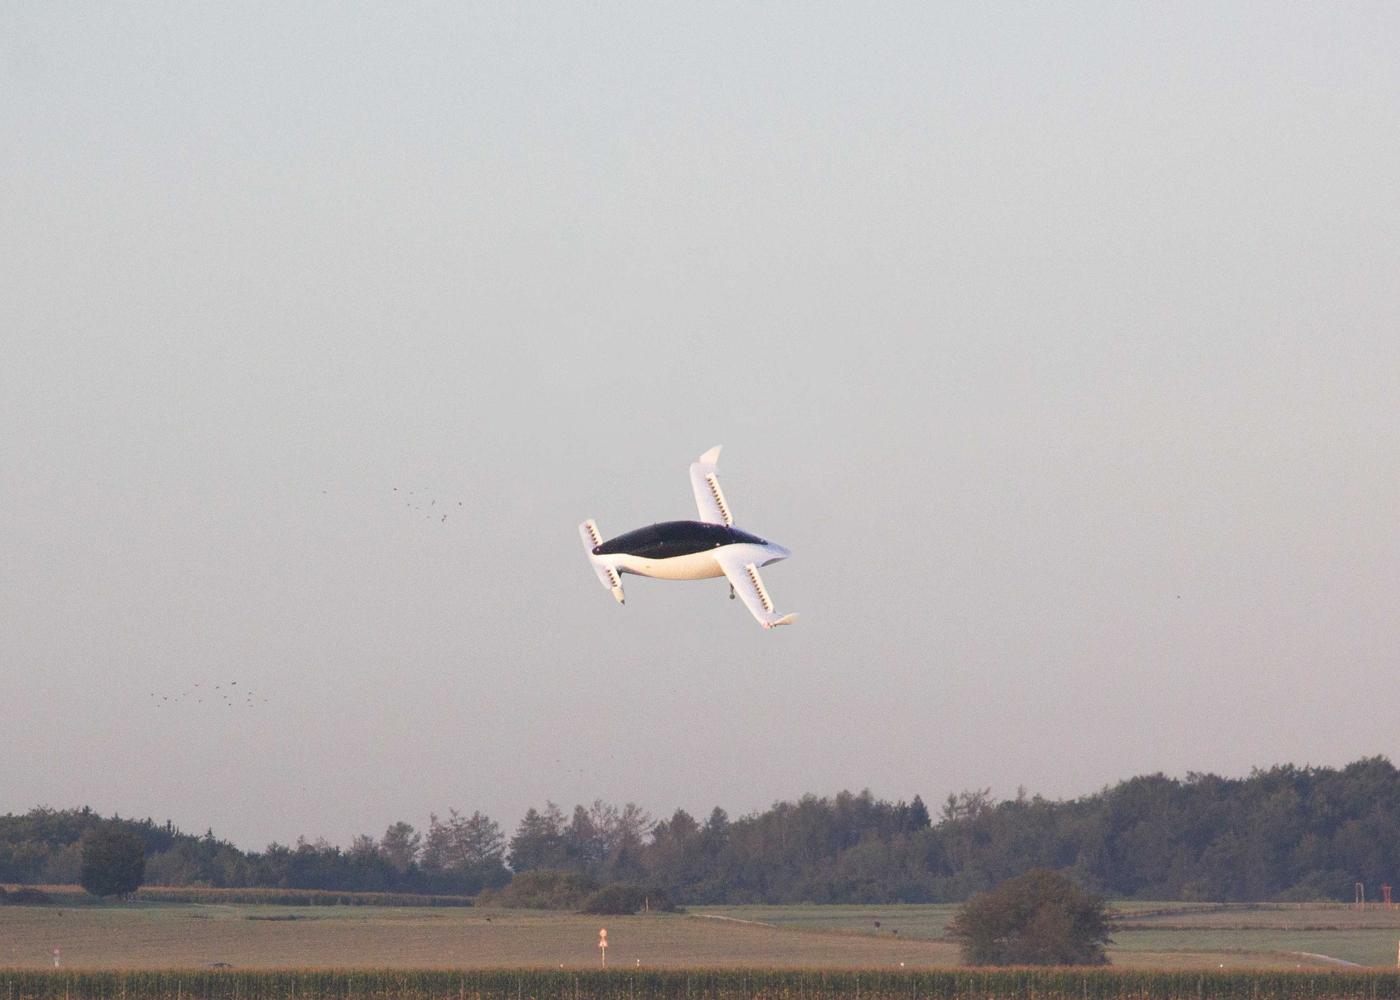 Lilium Jet flight test